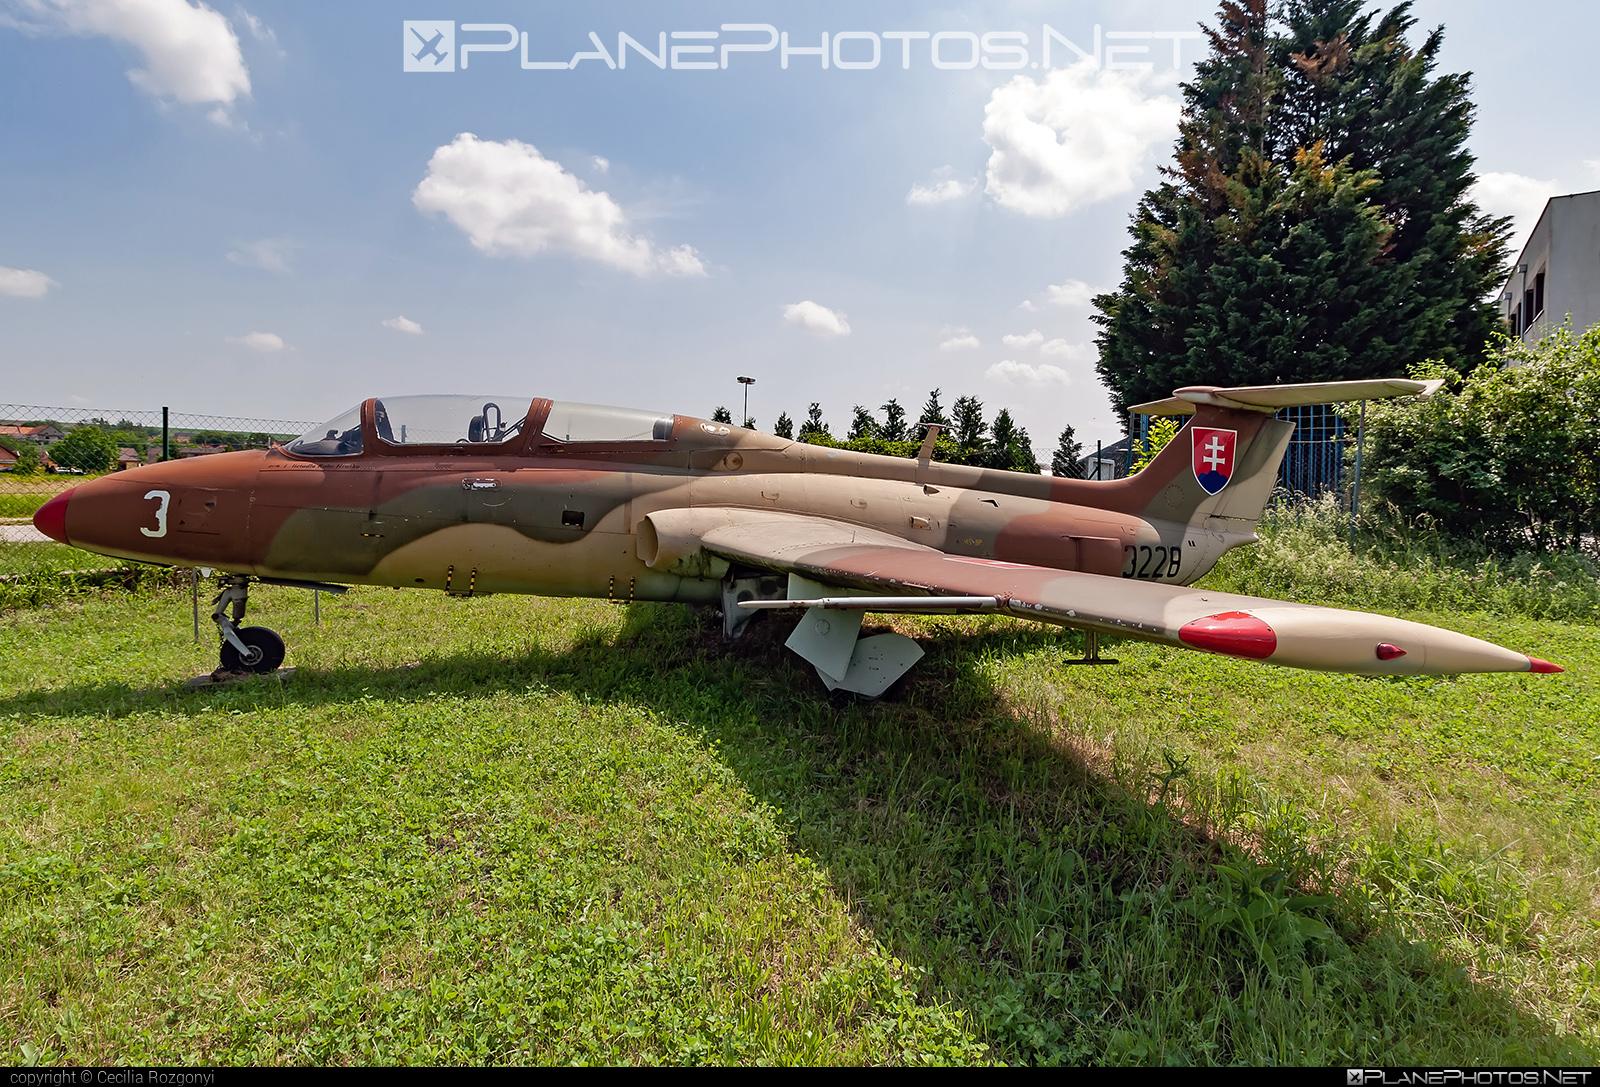 Aero L-29 Delfin - 3228 operated by Vzdušné sily OS SR (Slovak Air Force) #aero #aerol29 #aerol29delfin #delfin #l29 #slovakairforce #vzdusnesilyossr